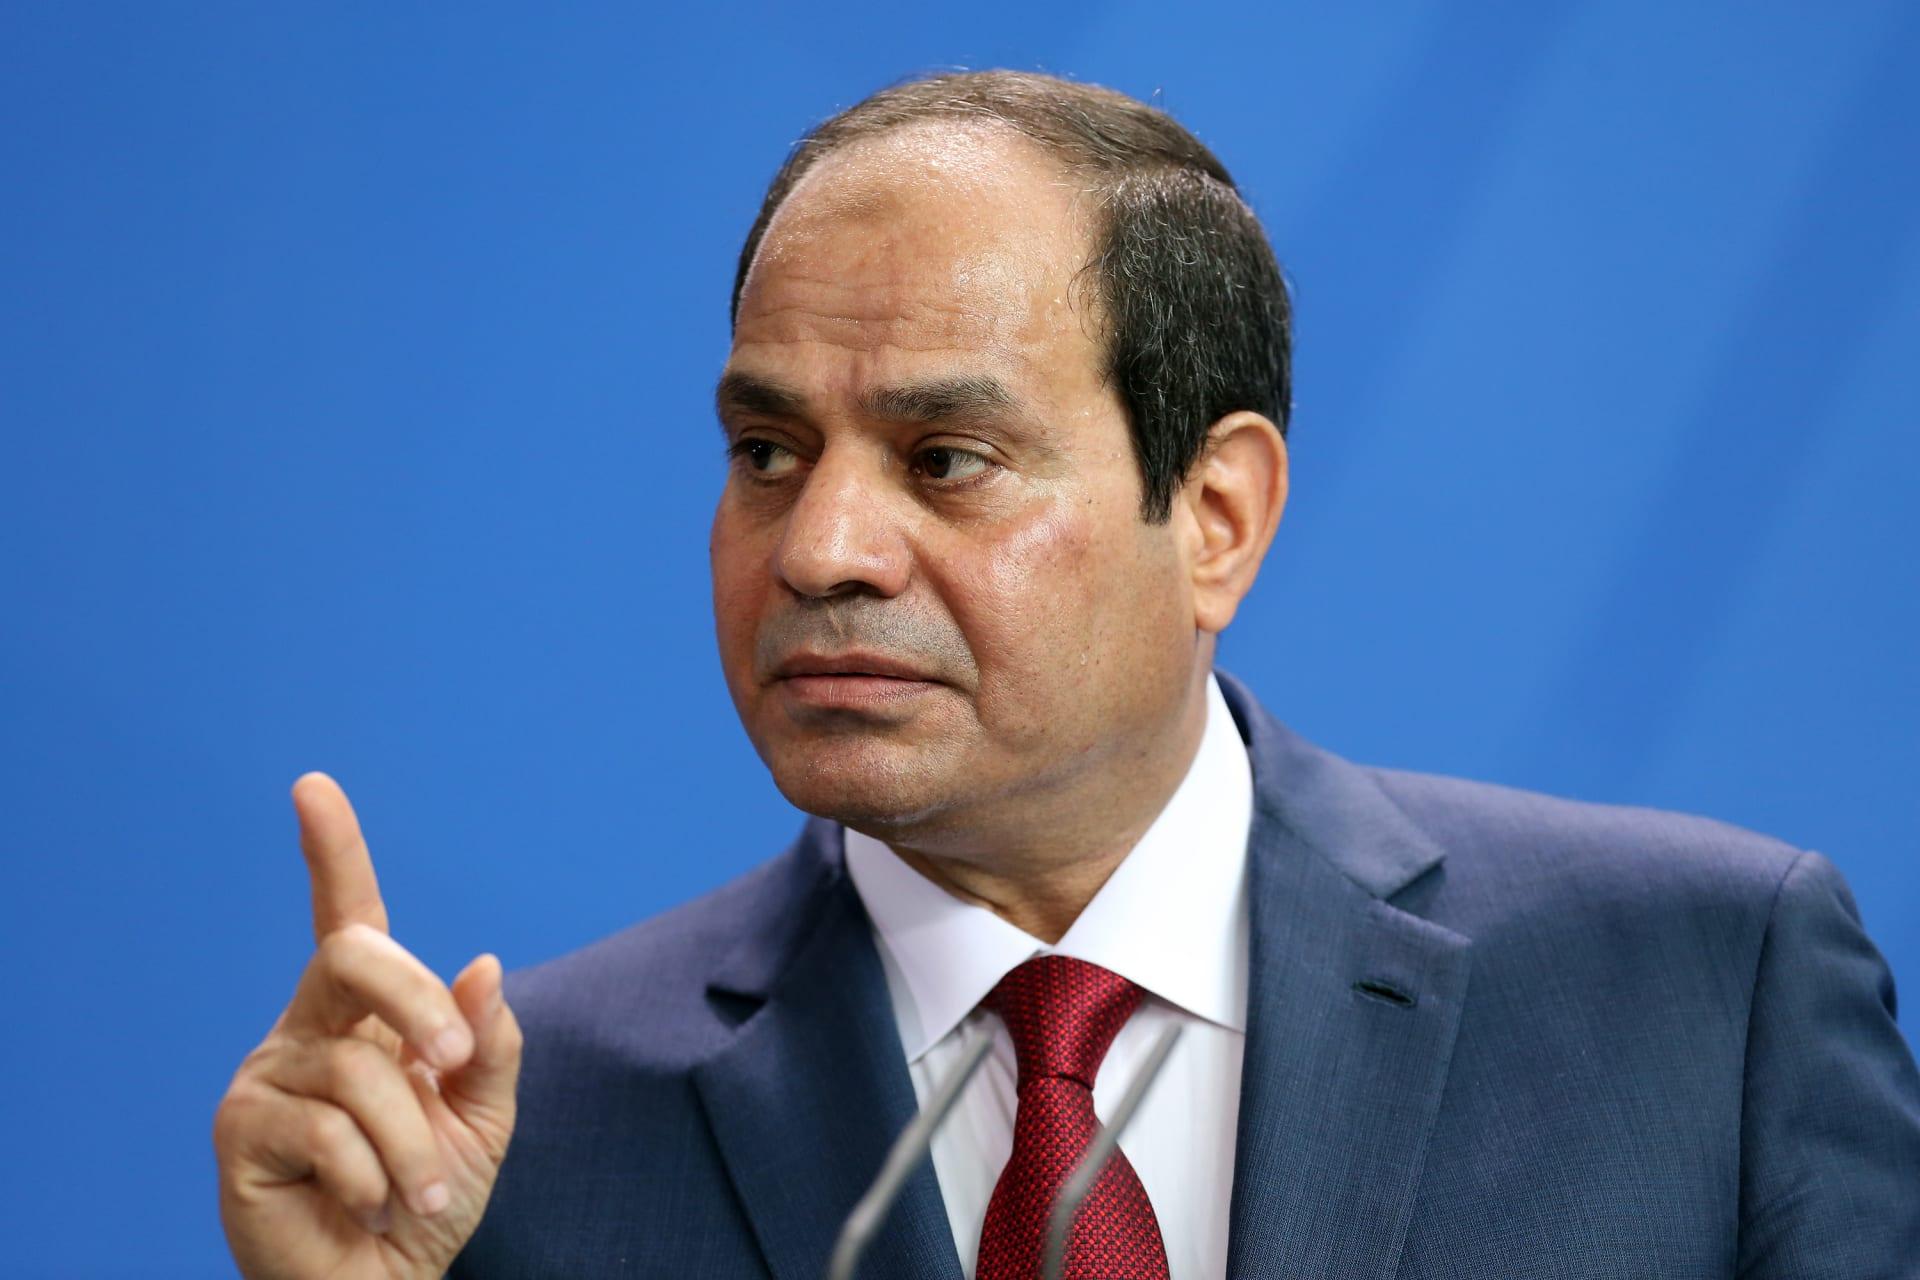 """السيسي يترأس اجتماعا لـ""""مجلس الدفاع الوطني"""".. وبكري: تأجيل جلسة تفويض الرئيس للتدخل في ليبيا"""